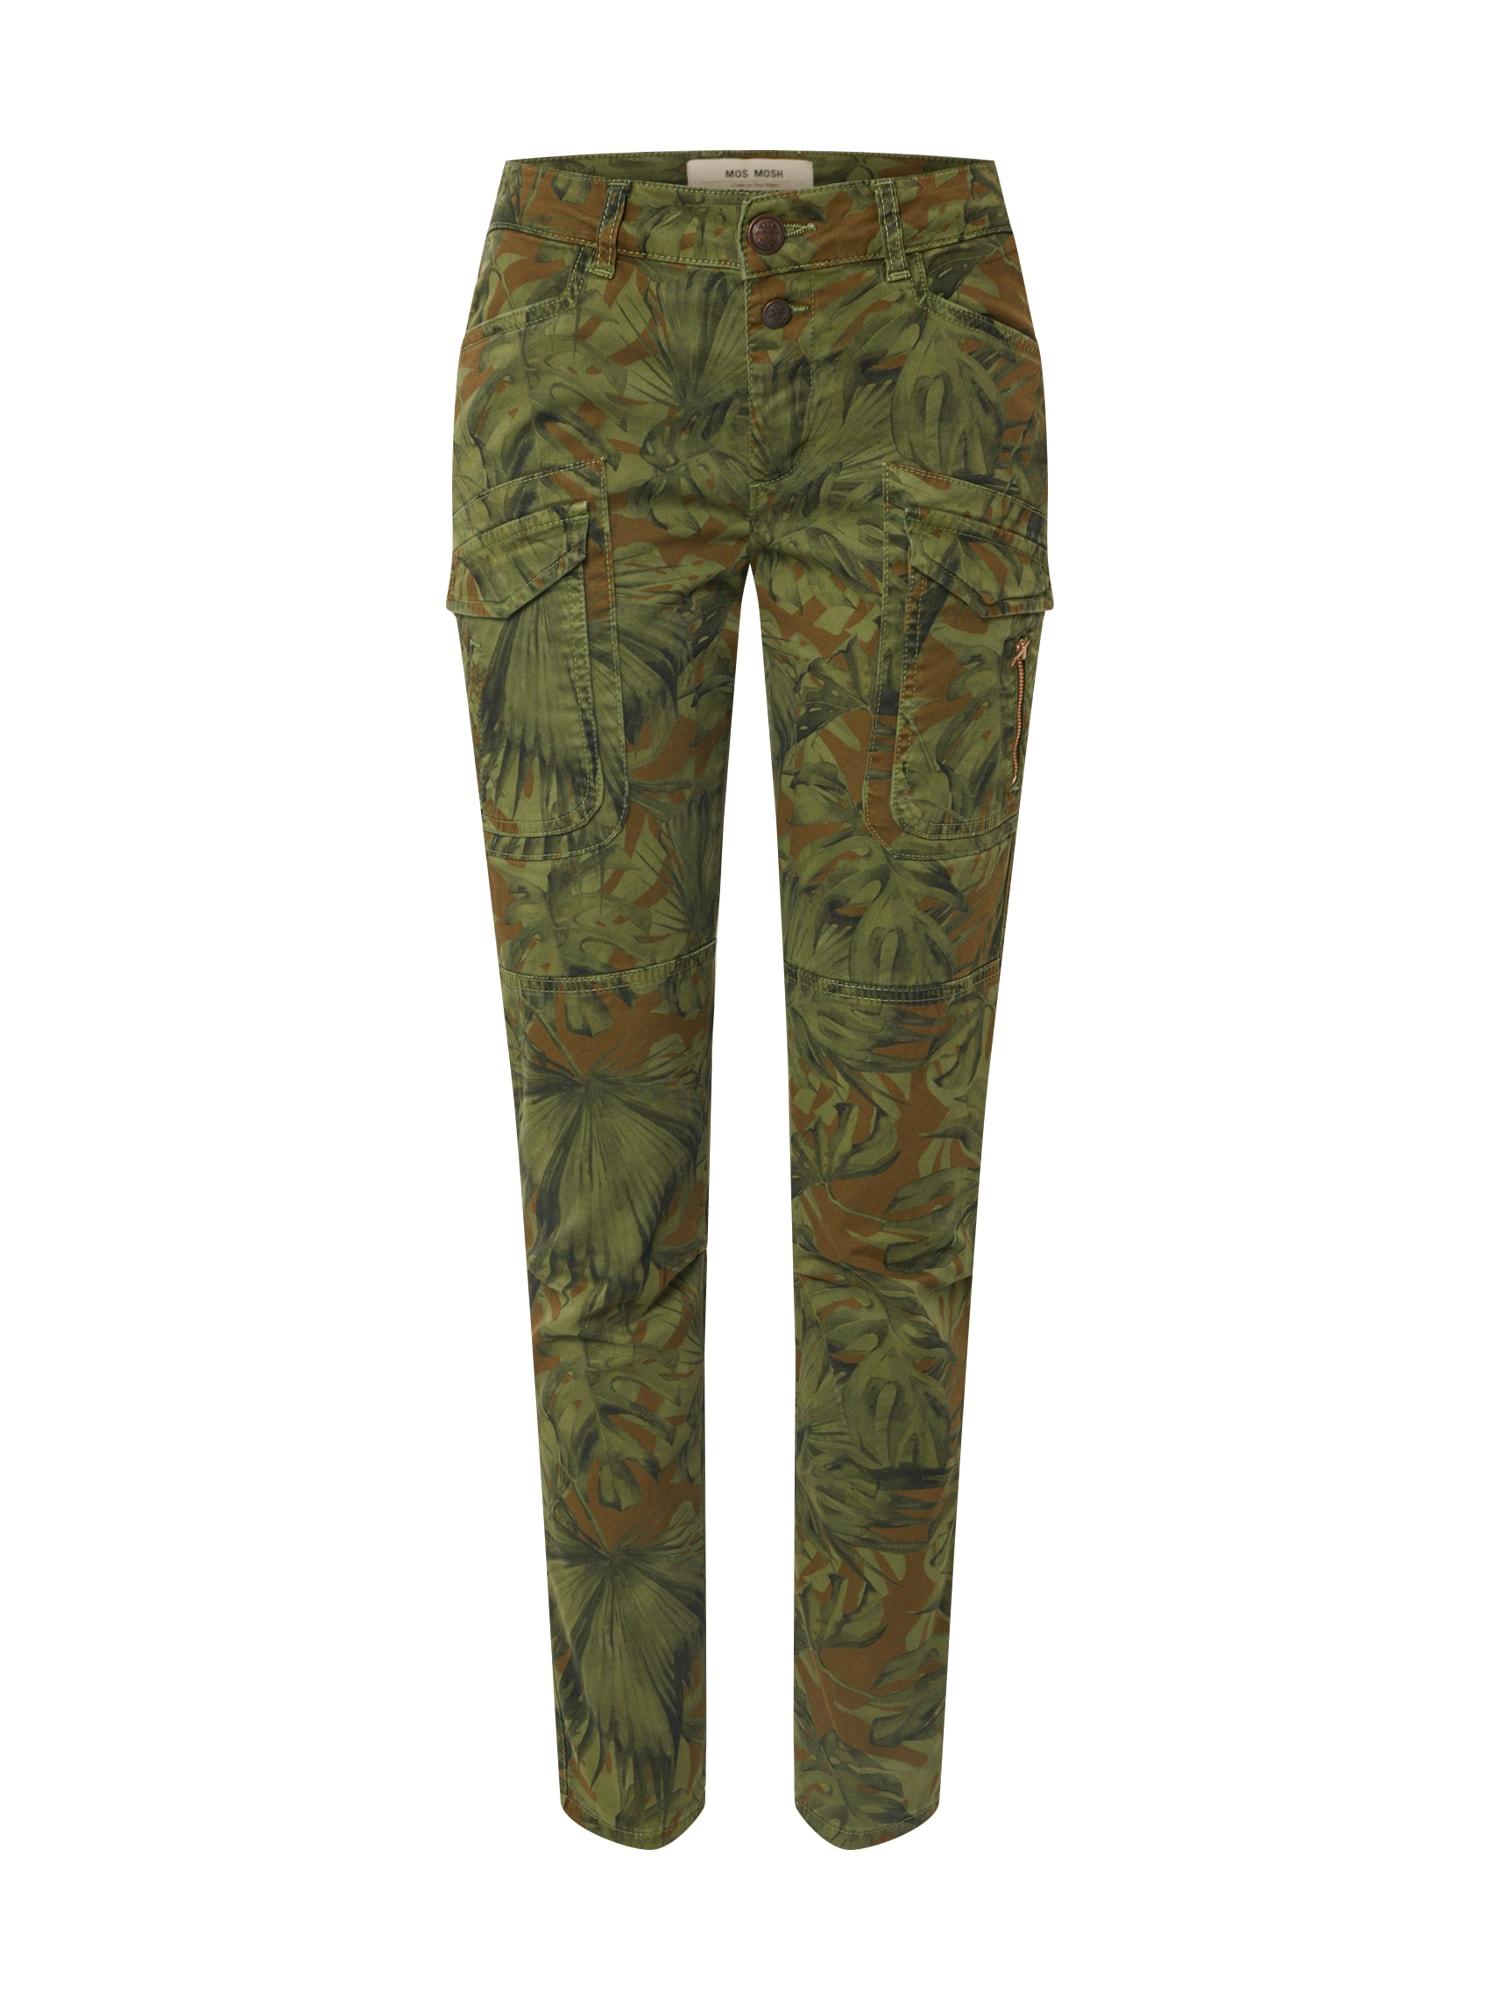 MOS MOSH Laisvo stiliaus kelnės 'Hurley ' mišrios spalvos / tamsiai žalia